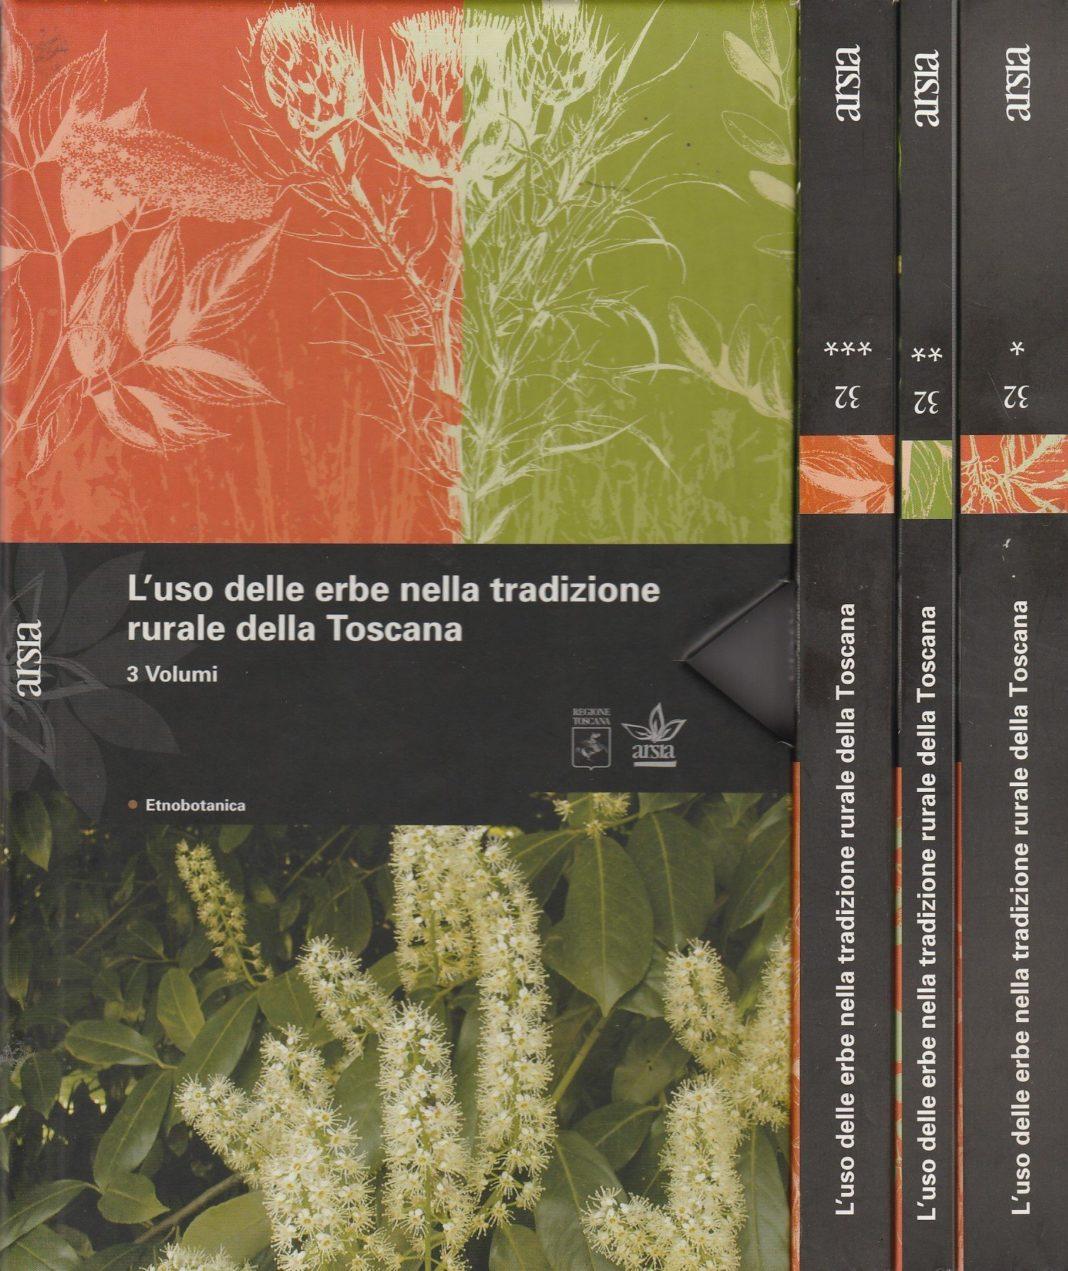 L'uso delle erbe nella tradizione rurale della Toscana